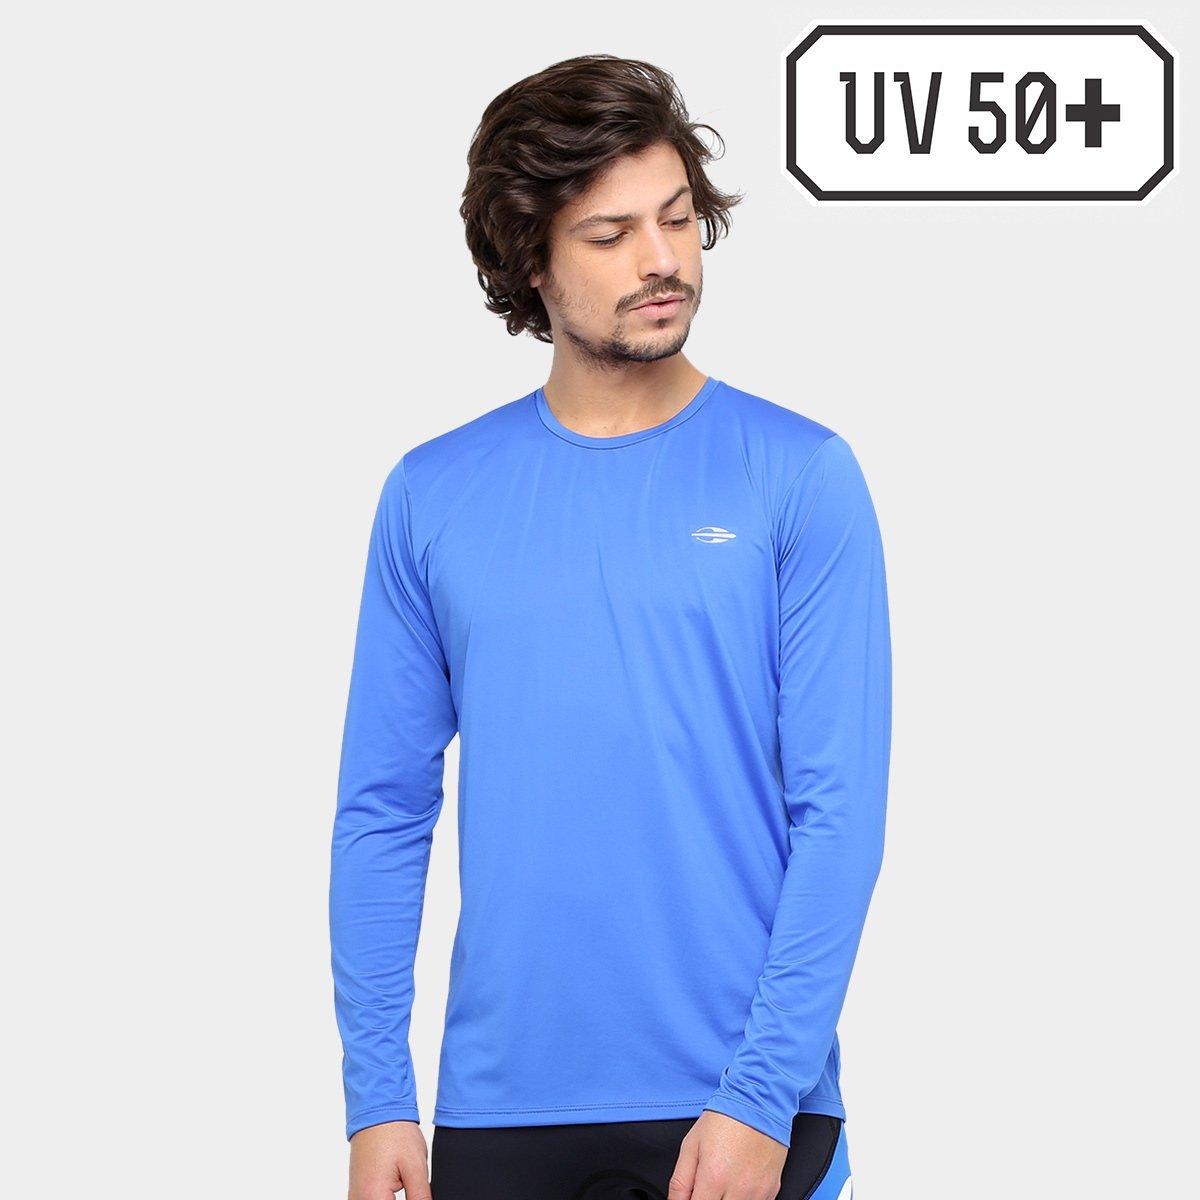 e184c1dfbbcc1 Camiseta Surf Mormaii Proteção UV 50+ Dry Action Masculina - Azul - Compre  Agora